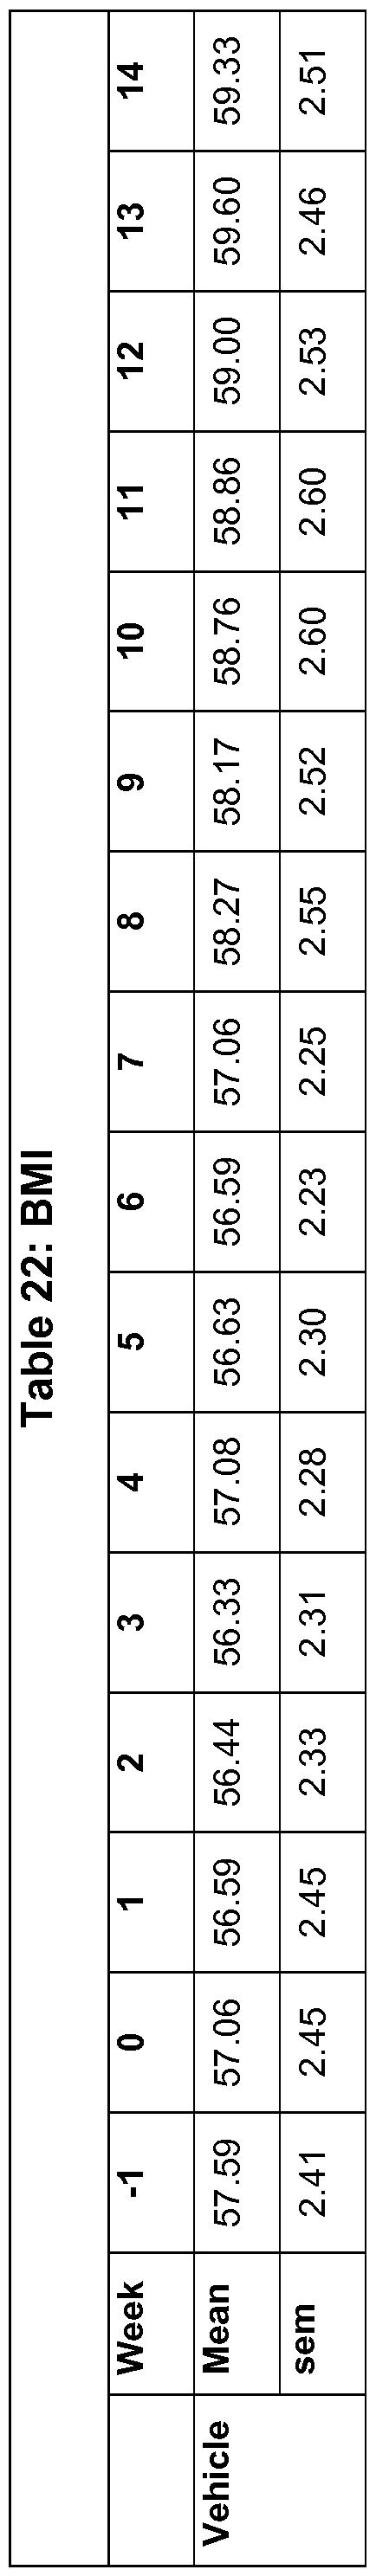 Figure imgf000205_0002